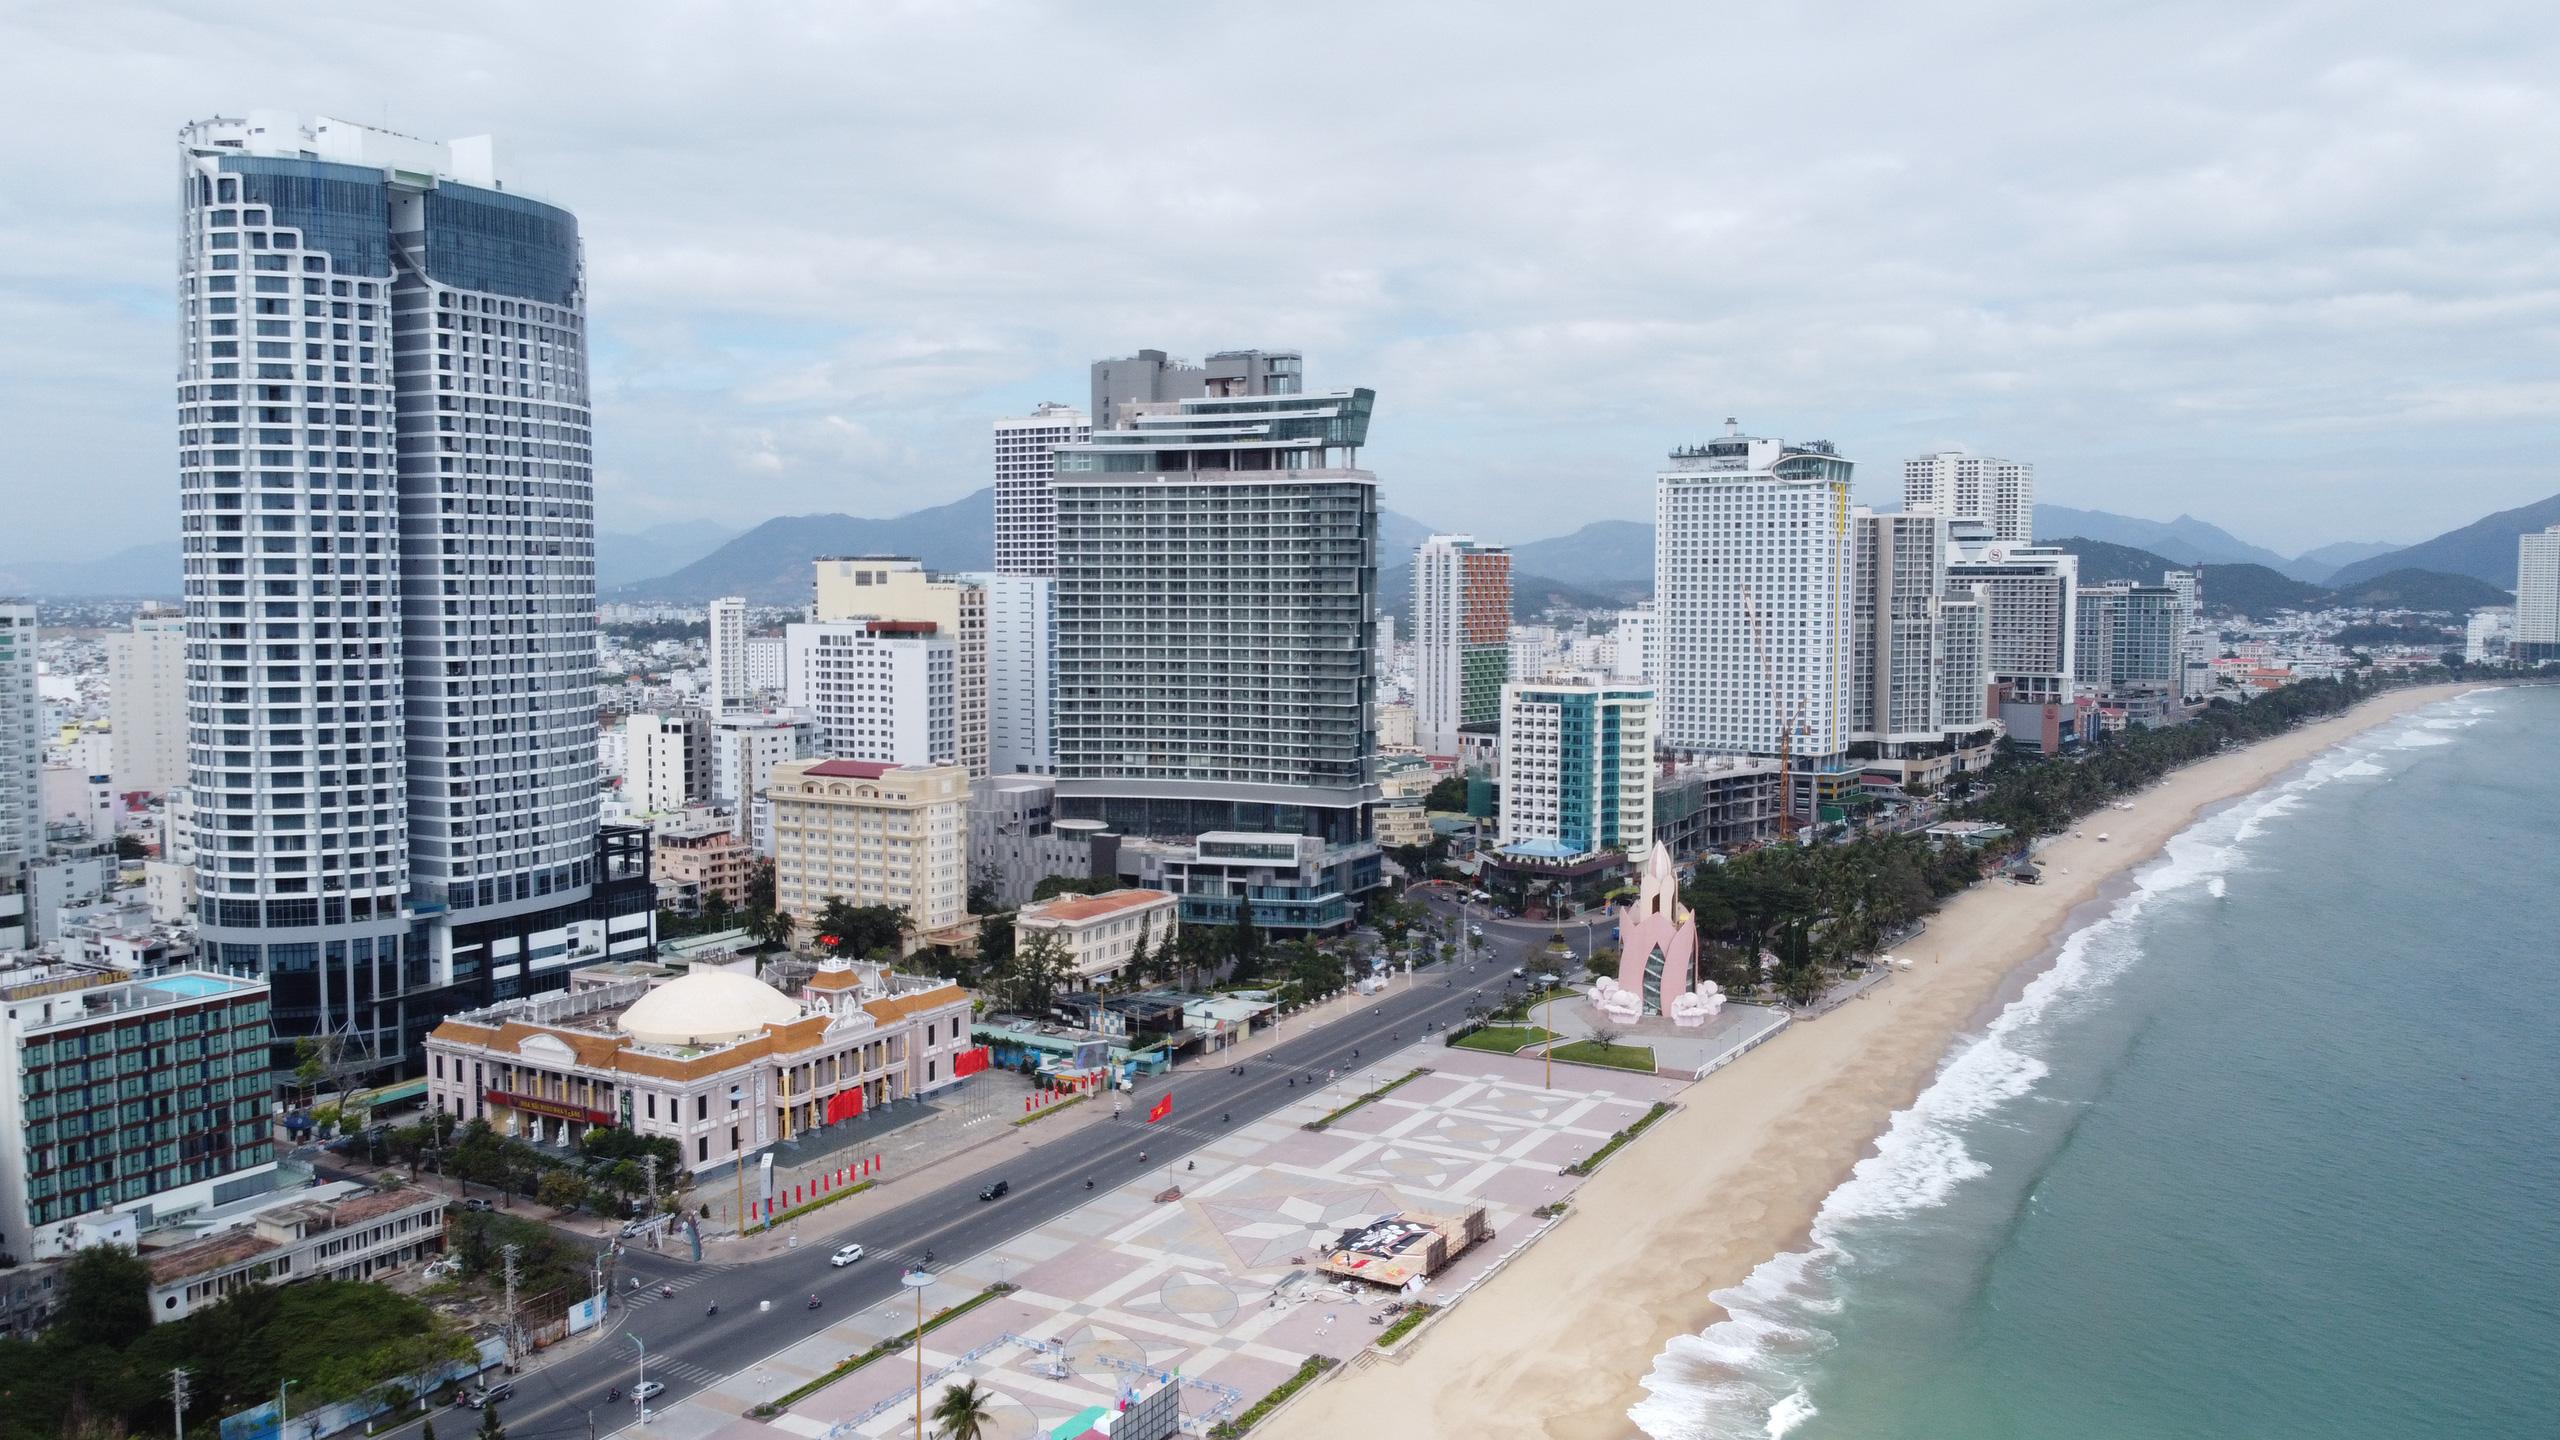 Thứ trưởng Nguyễn Thanh Nghị đề nghị làm rõ mật độ xây dựng, cao tầng trong điều chỉnh quy hoạch TP Nha Trang - Ảnh 1.